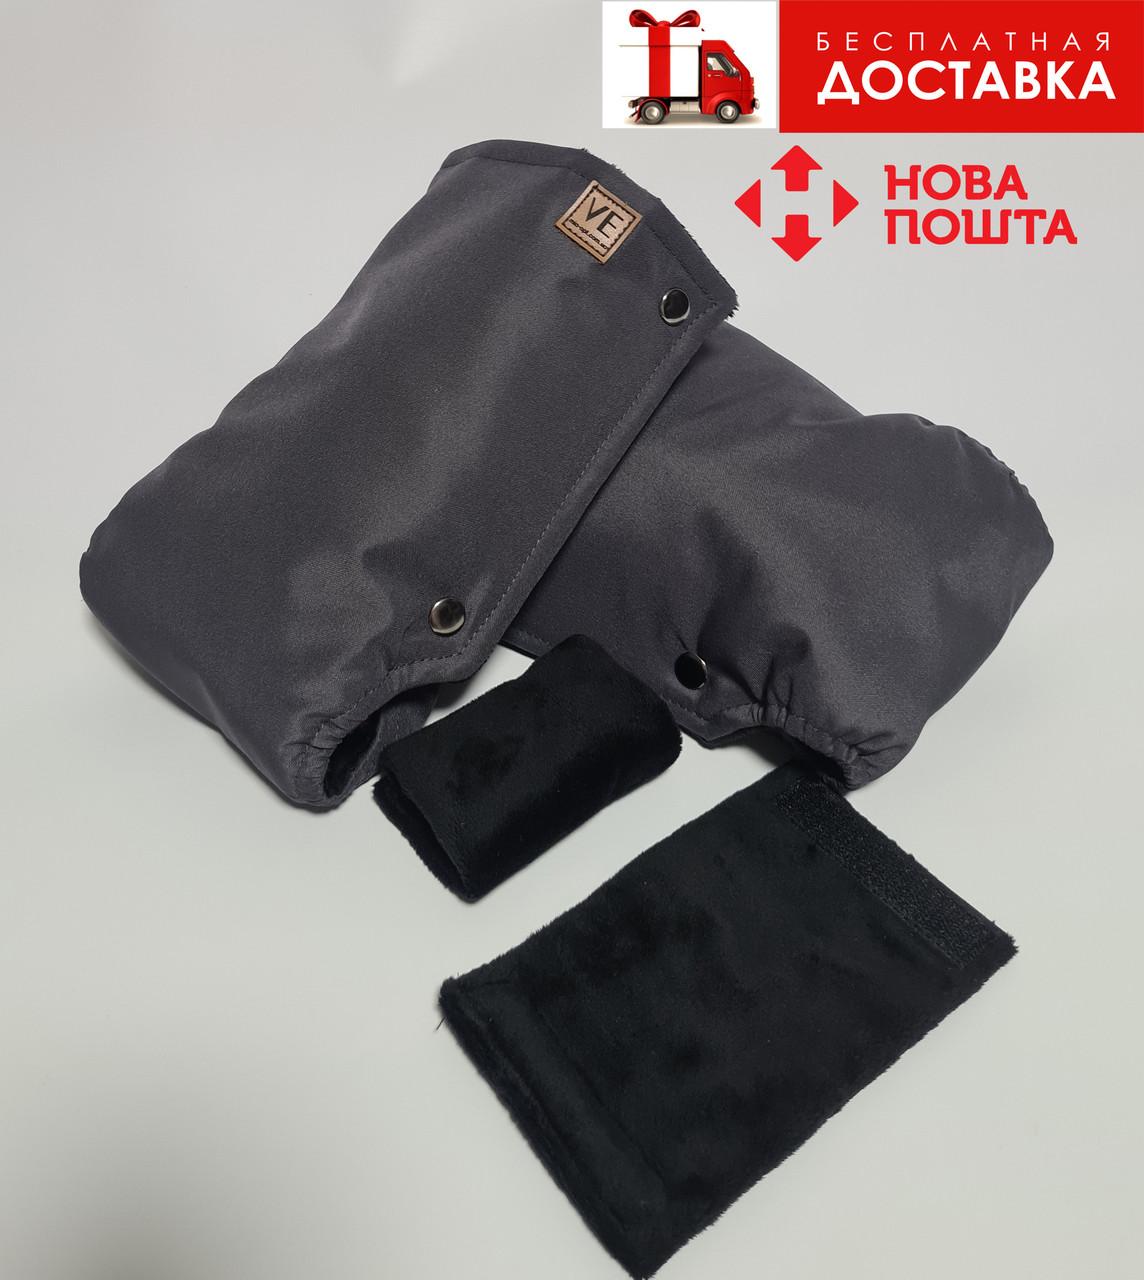 Муфта, рукавички на коляску (санки) универсальная